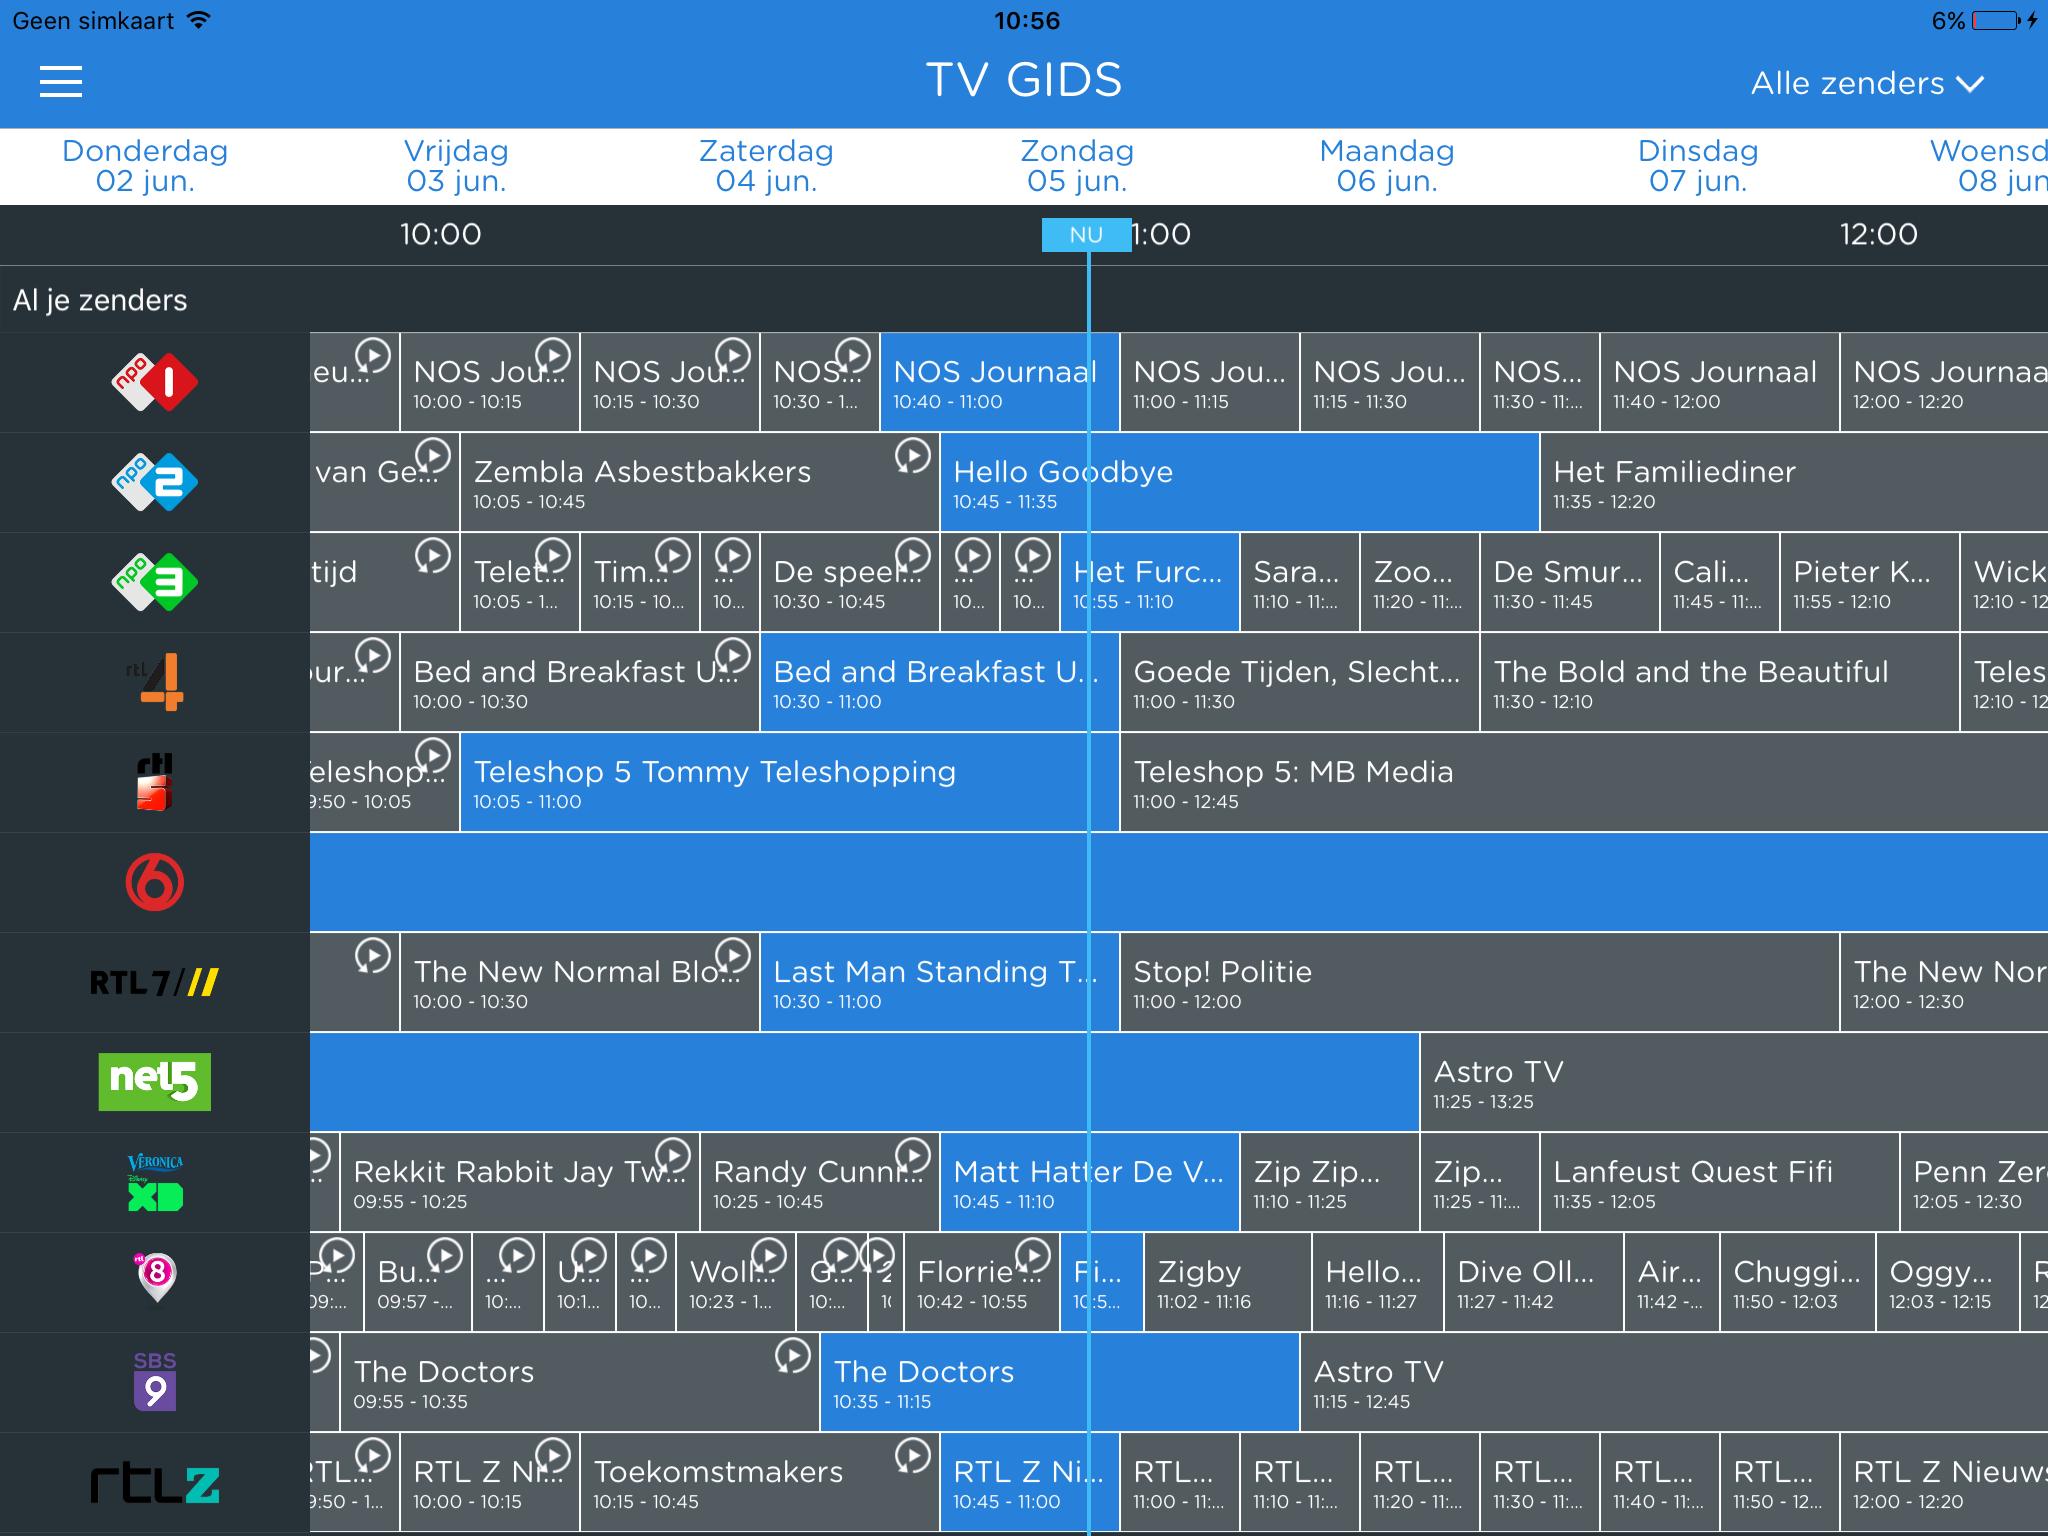 De TV-gids biedt tevens toegang tot uitzending gemist (klik/tap voor groter).